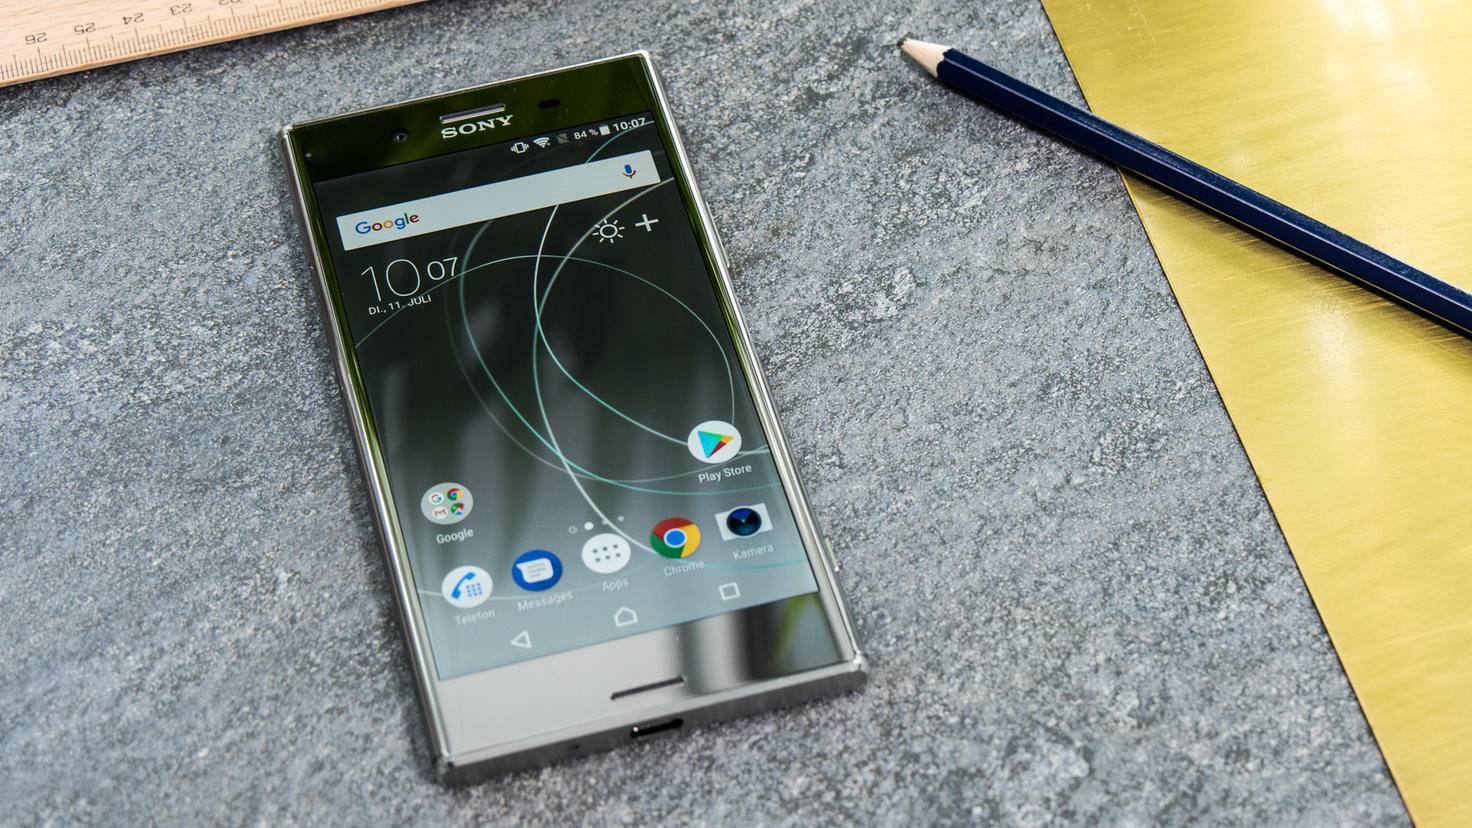 Vorinstalliert ist Android 7.1.1 Nougat.